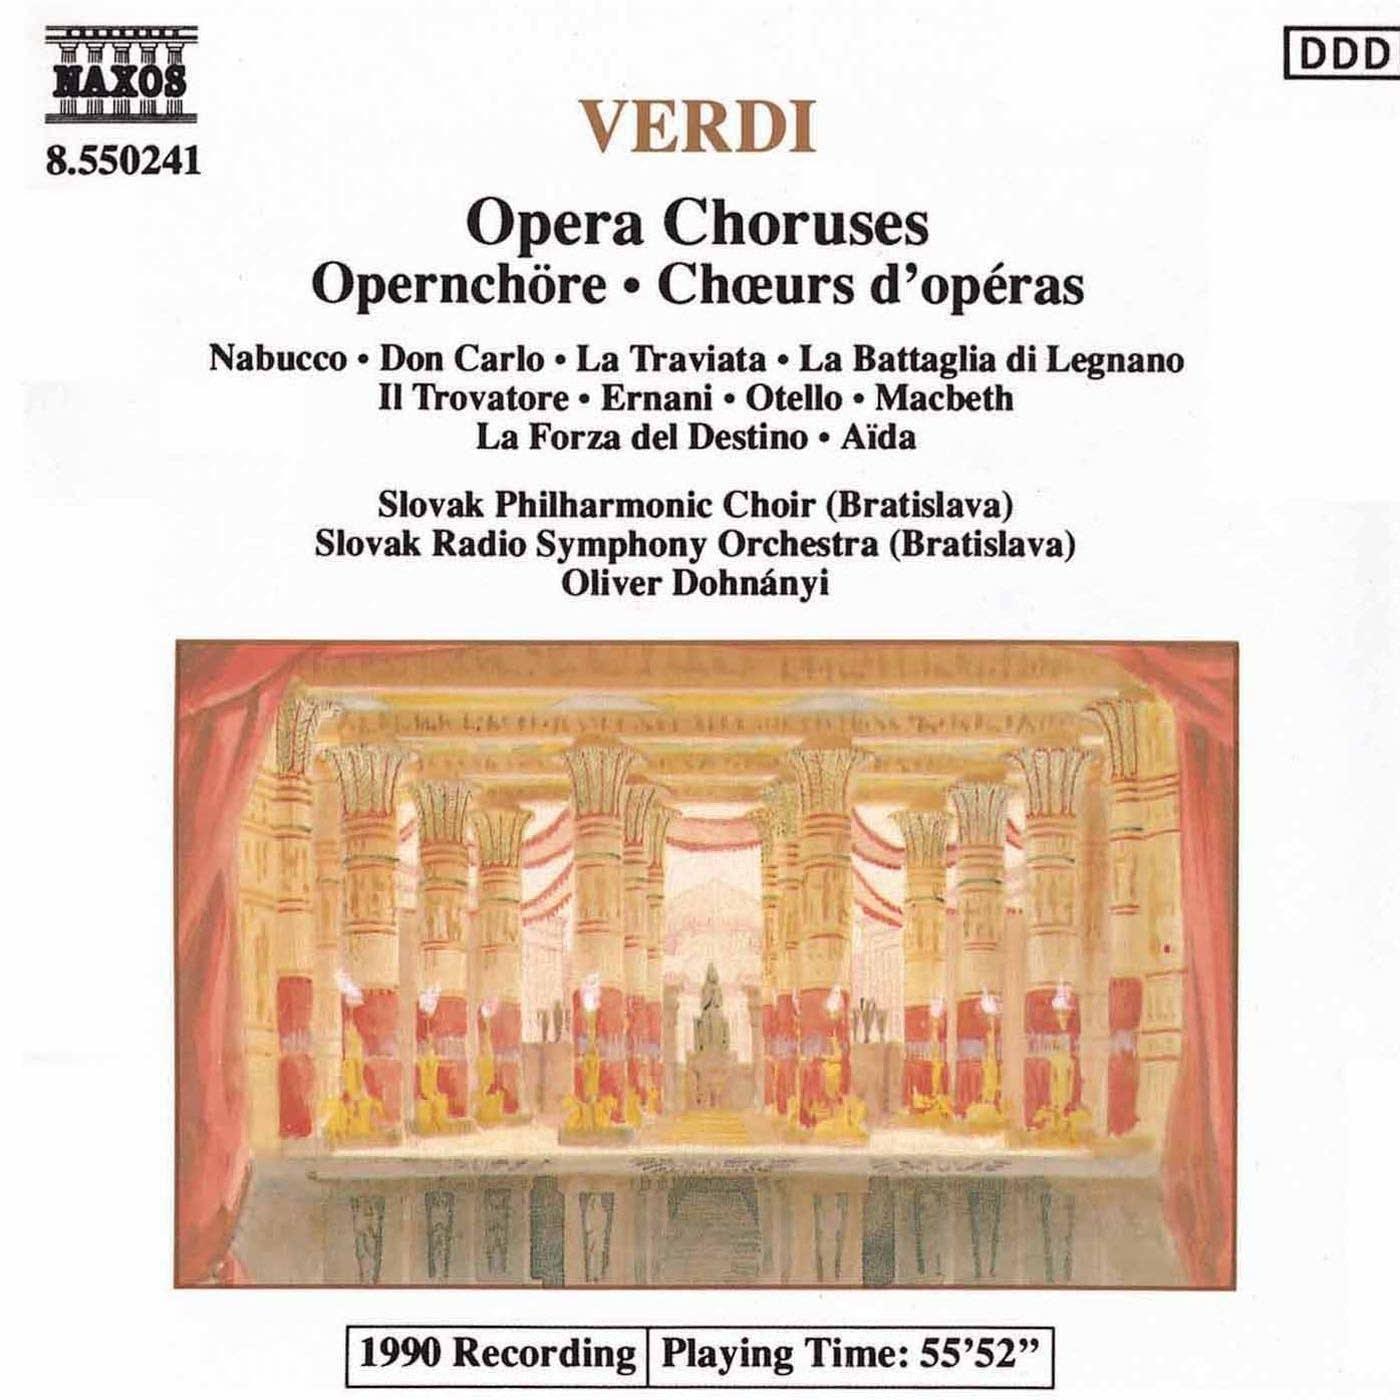 Giuseppe Verdi - Il trovatore: Anvil Chorus